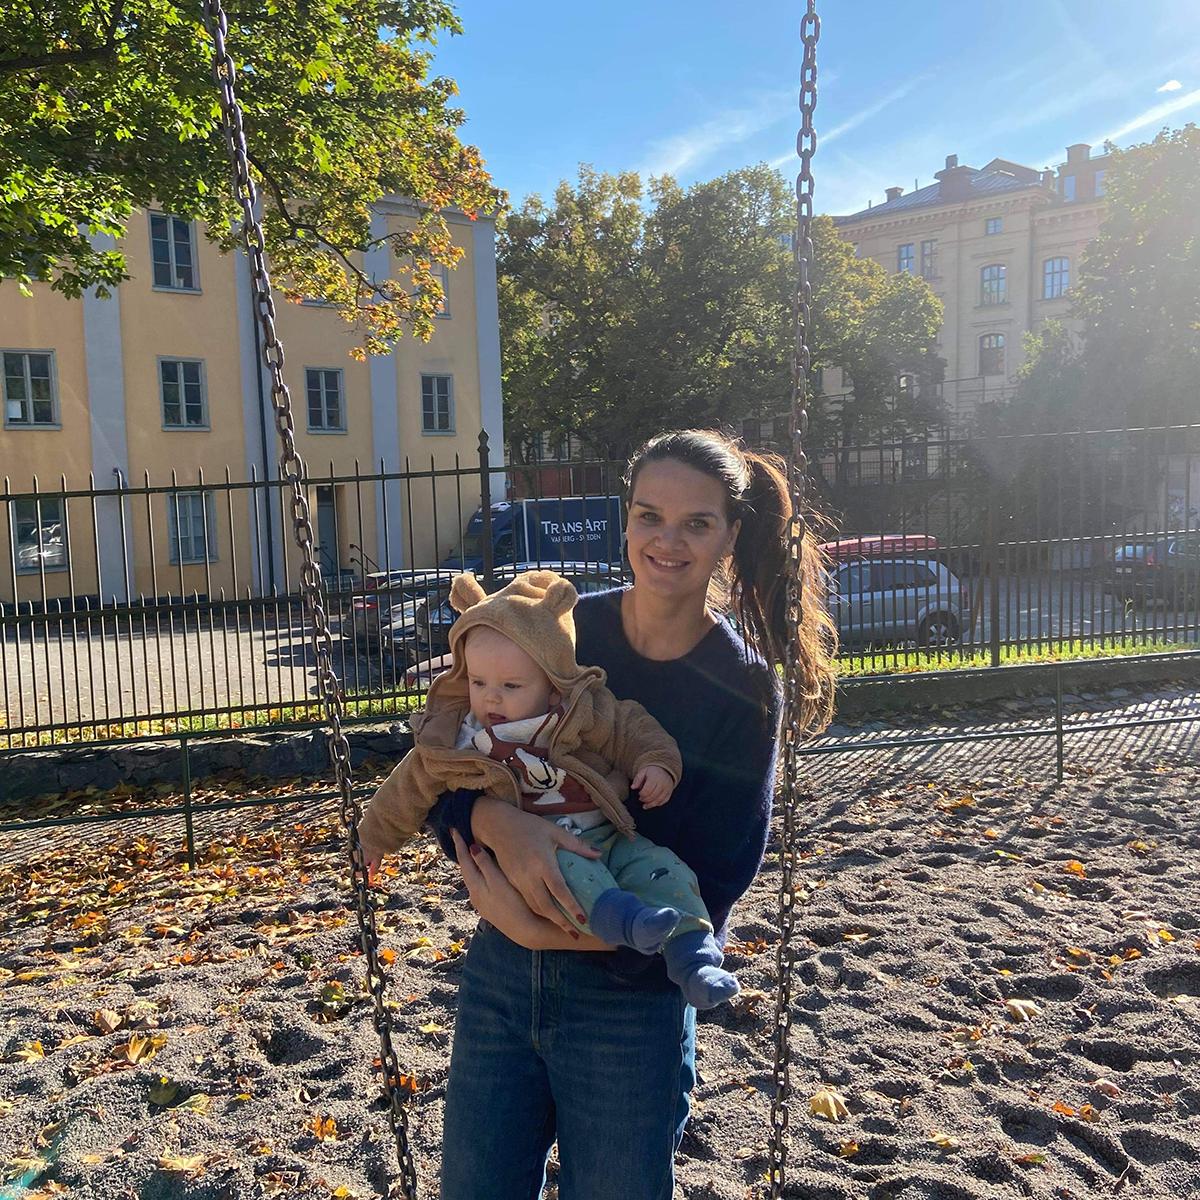 Sandra och Theodor i lekparken